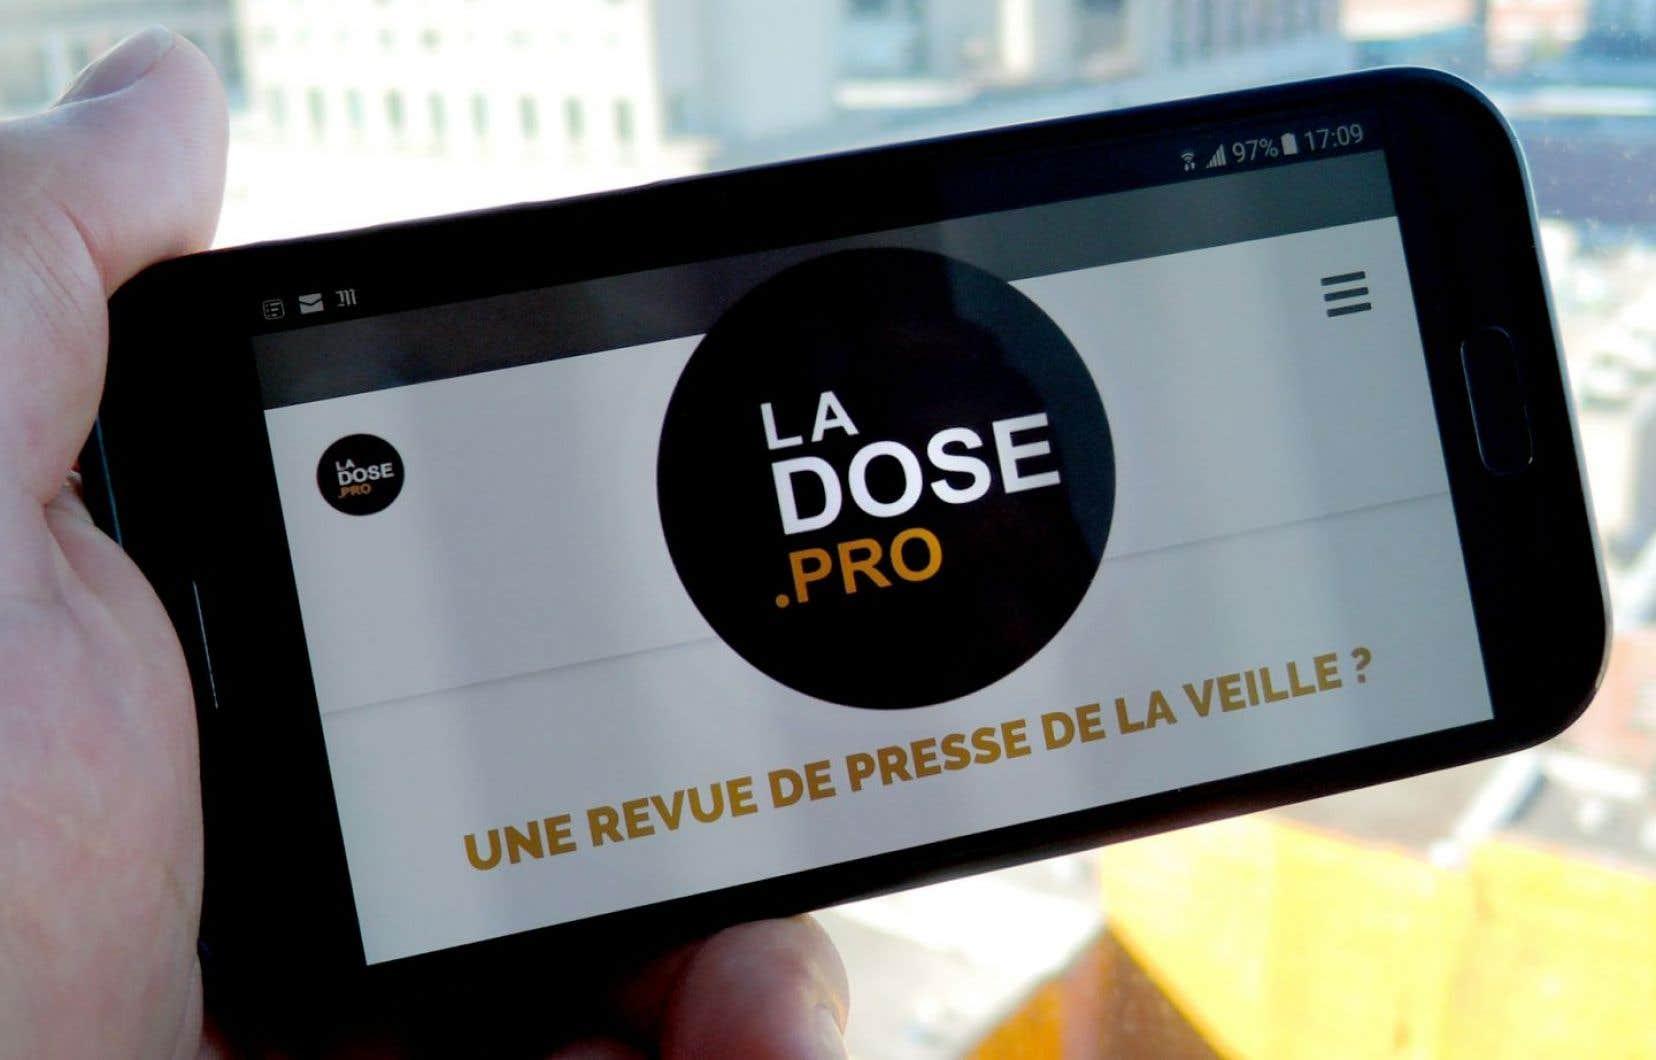 Le service professionnel de veille médiatique de La Dose permet aux abonnés payants d'obtenir le titre, la date, le nom du média ainsi que le premier paragraphe de l'article.